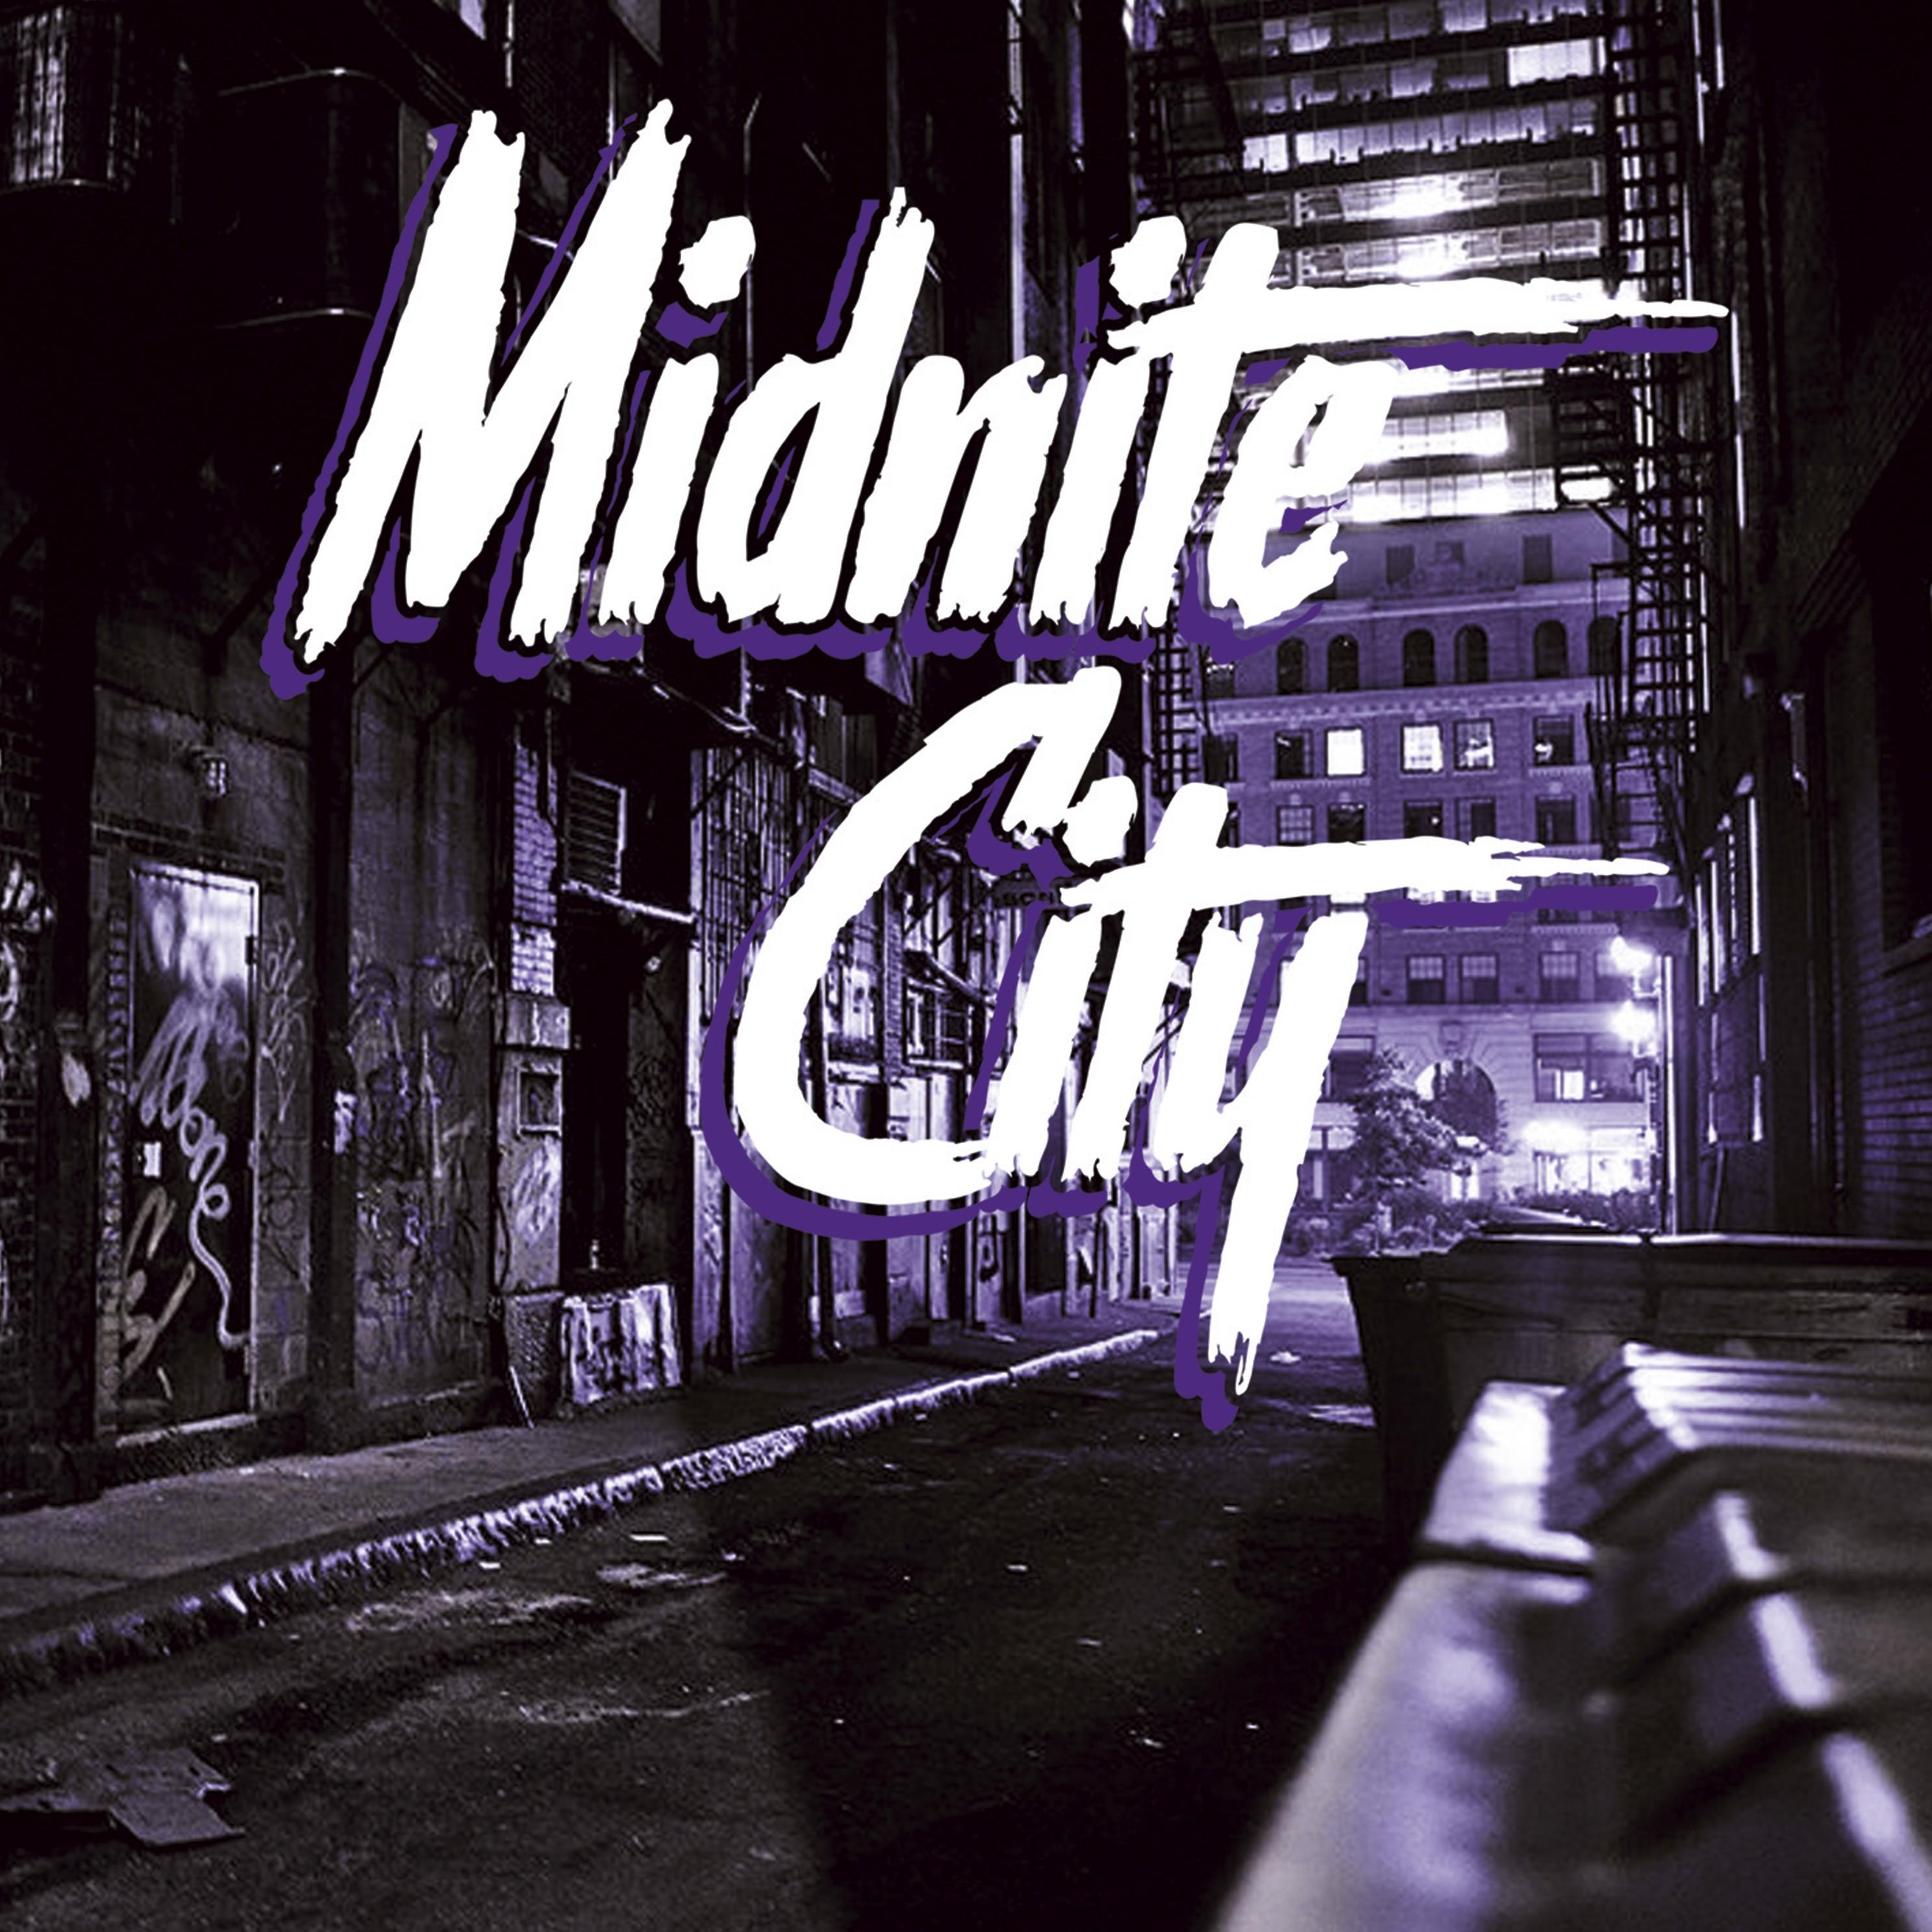 MIDNITE CITY - Midnite City